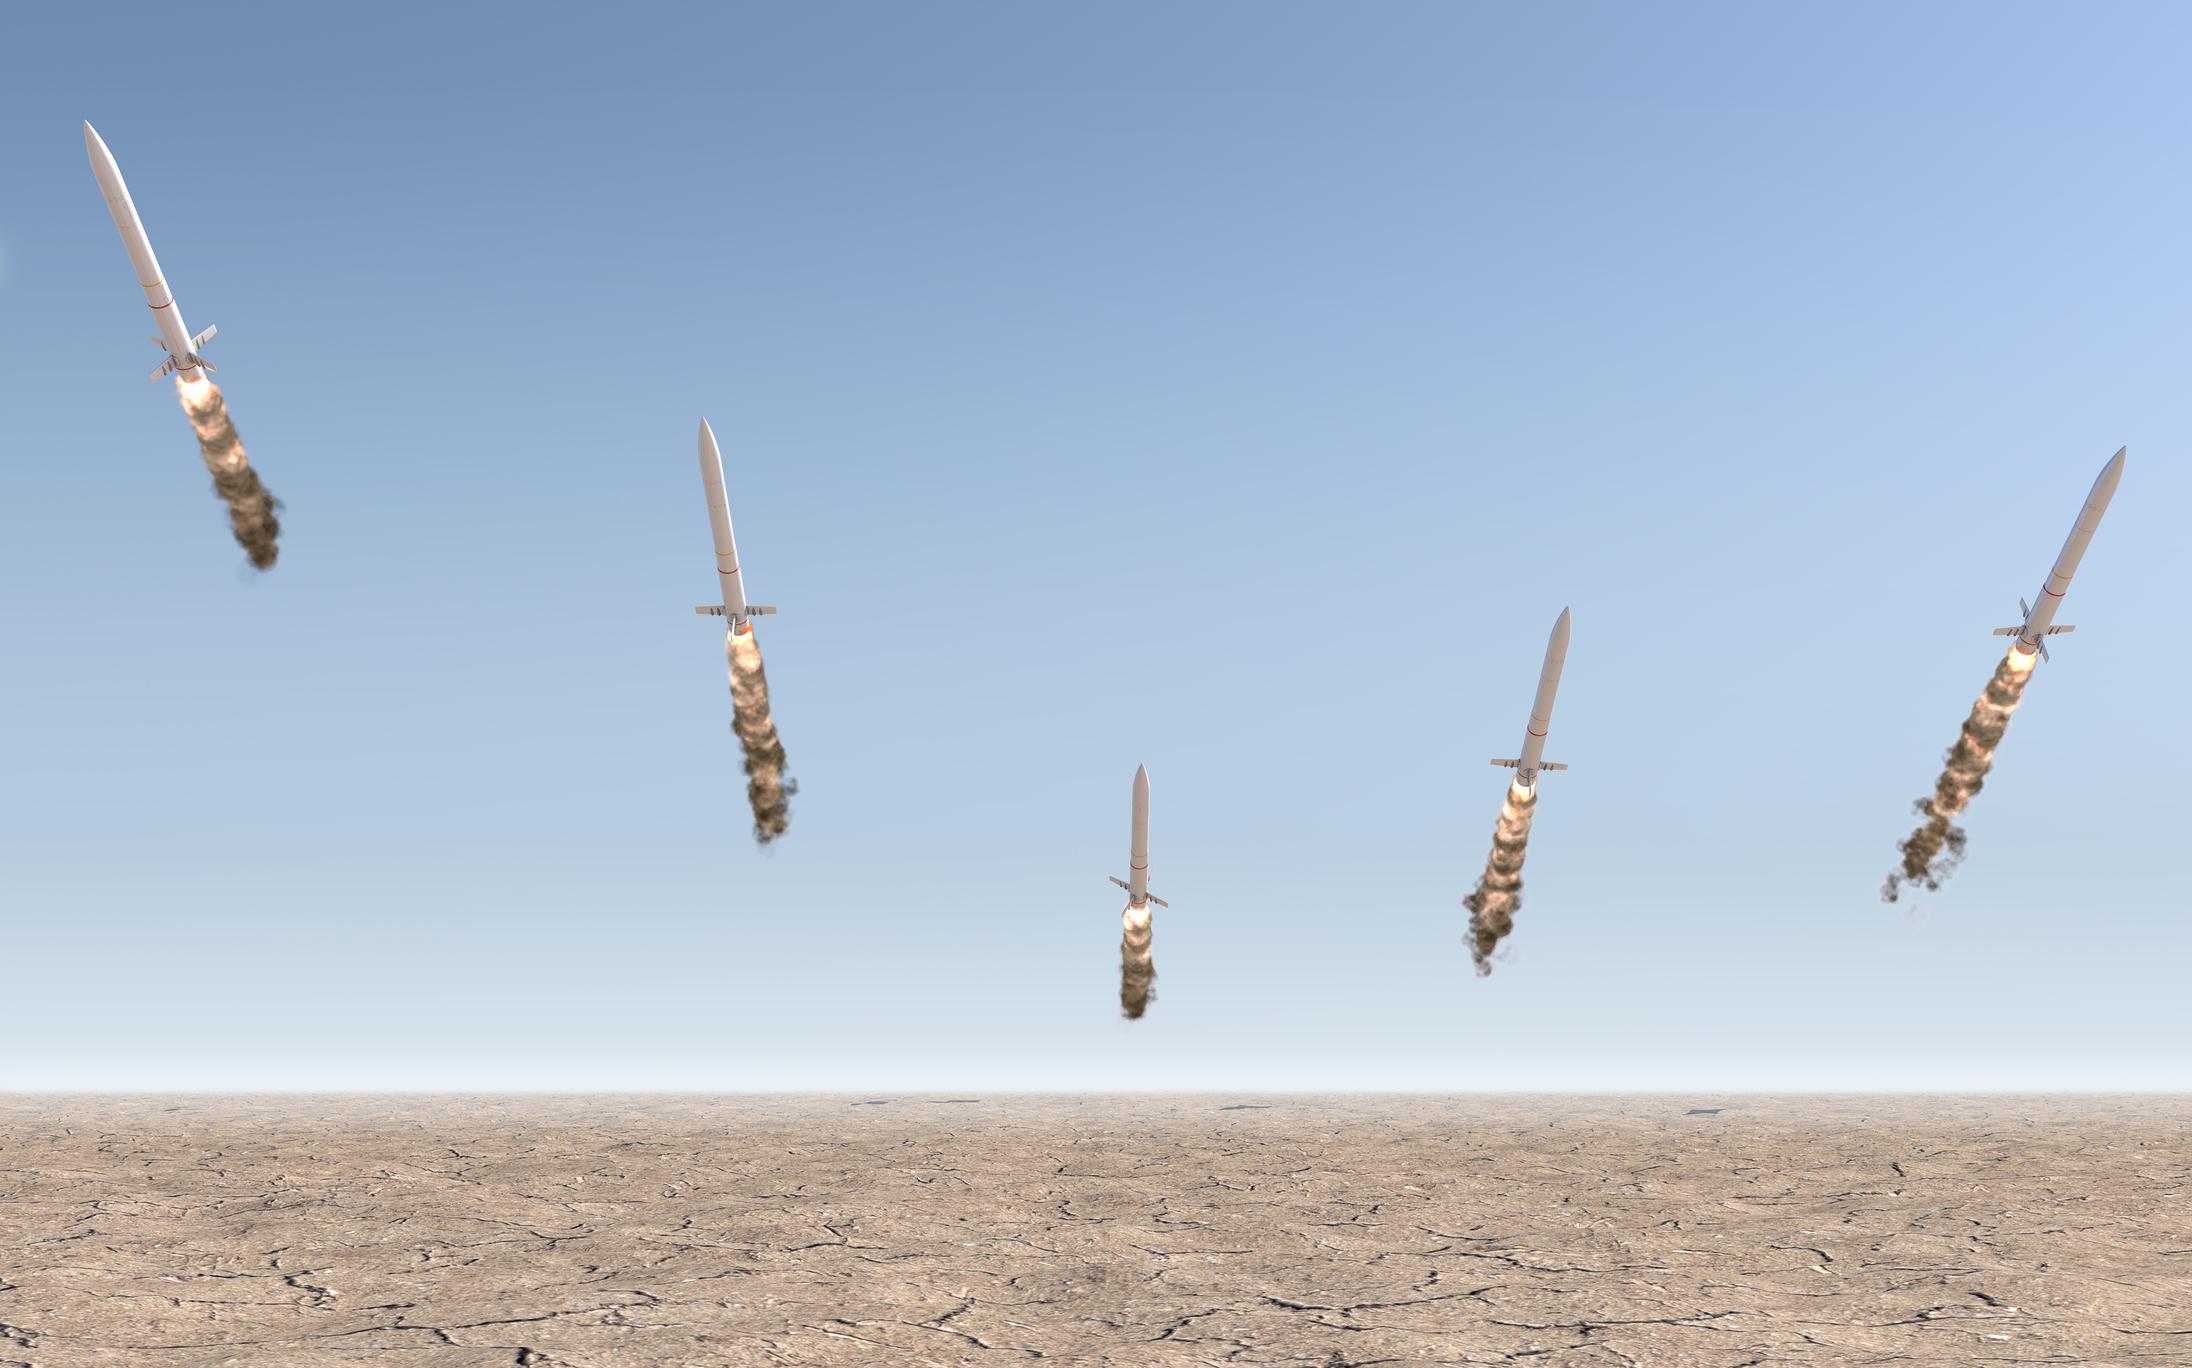 ICBMs in flight